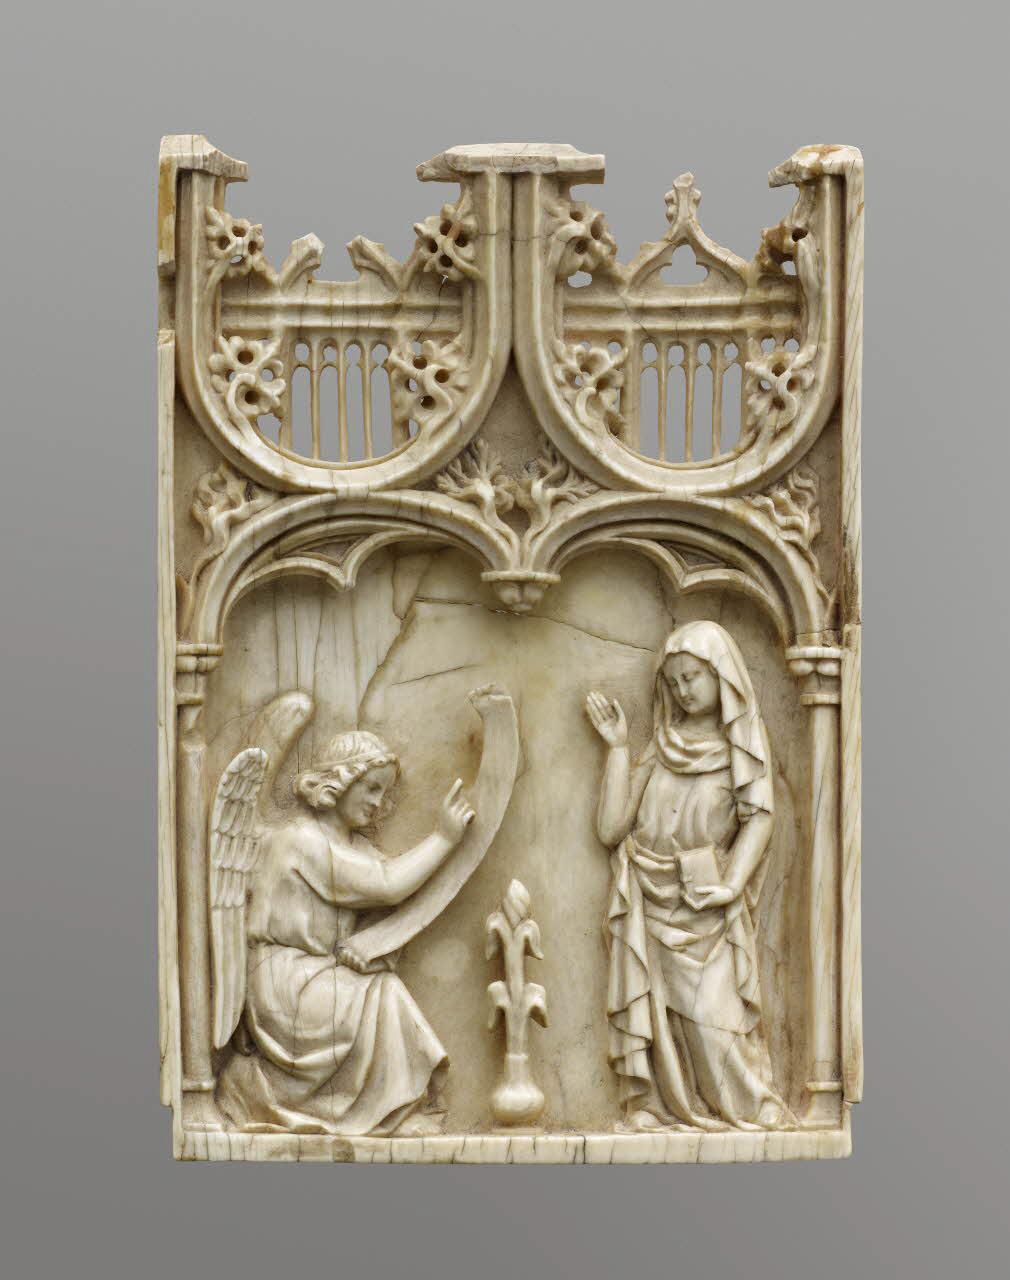 mnr/OAR00382/OAR382_copyright_RMN-Grand_Palais-Musee_du_Louvre-StephaneMarechalle.jpg